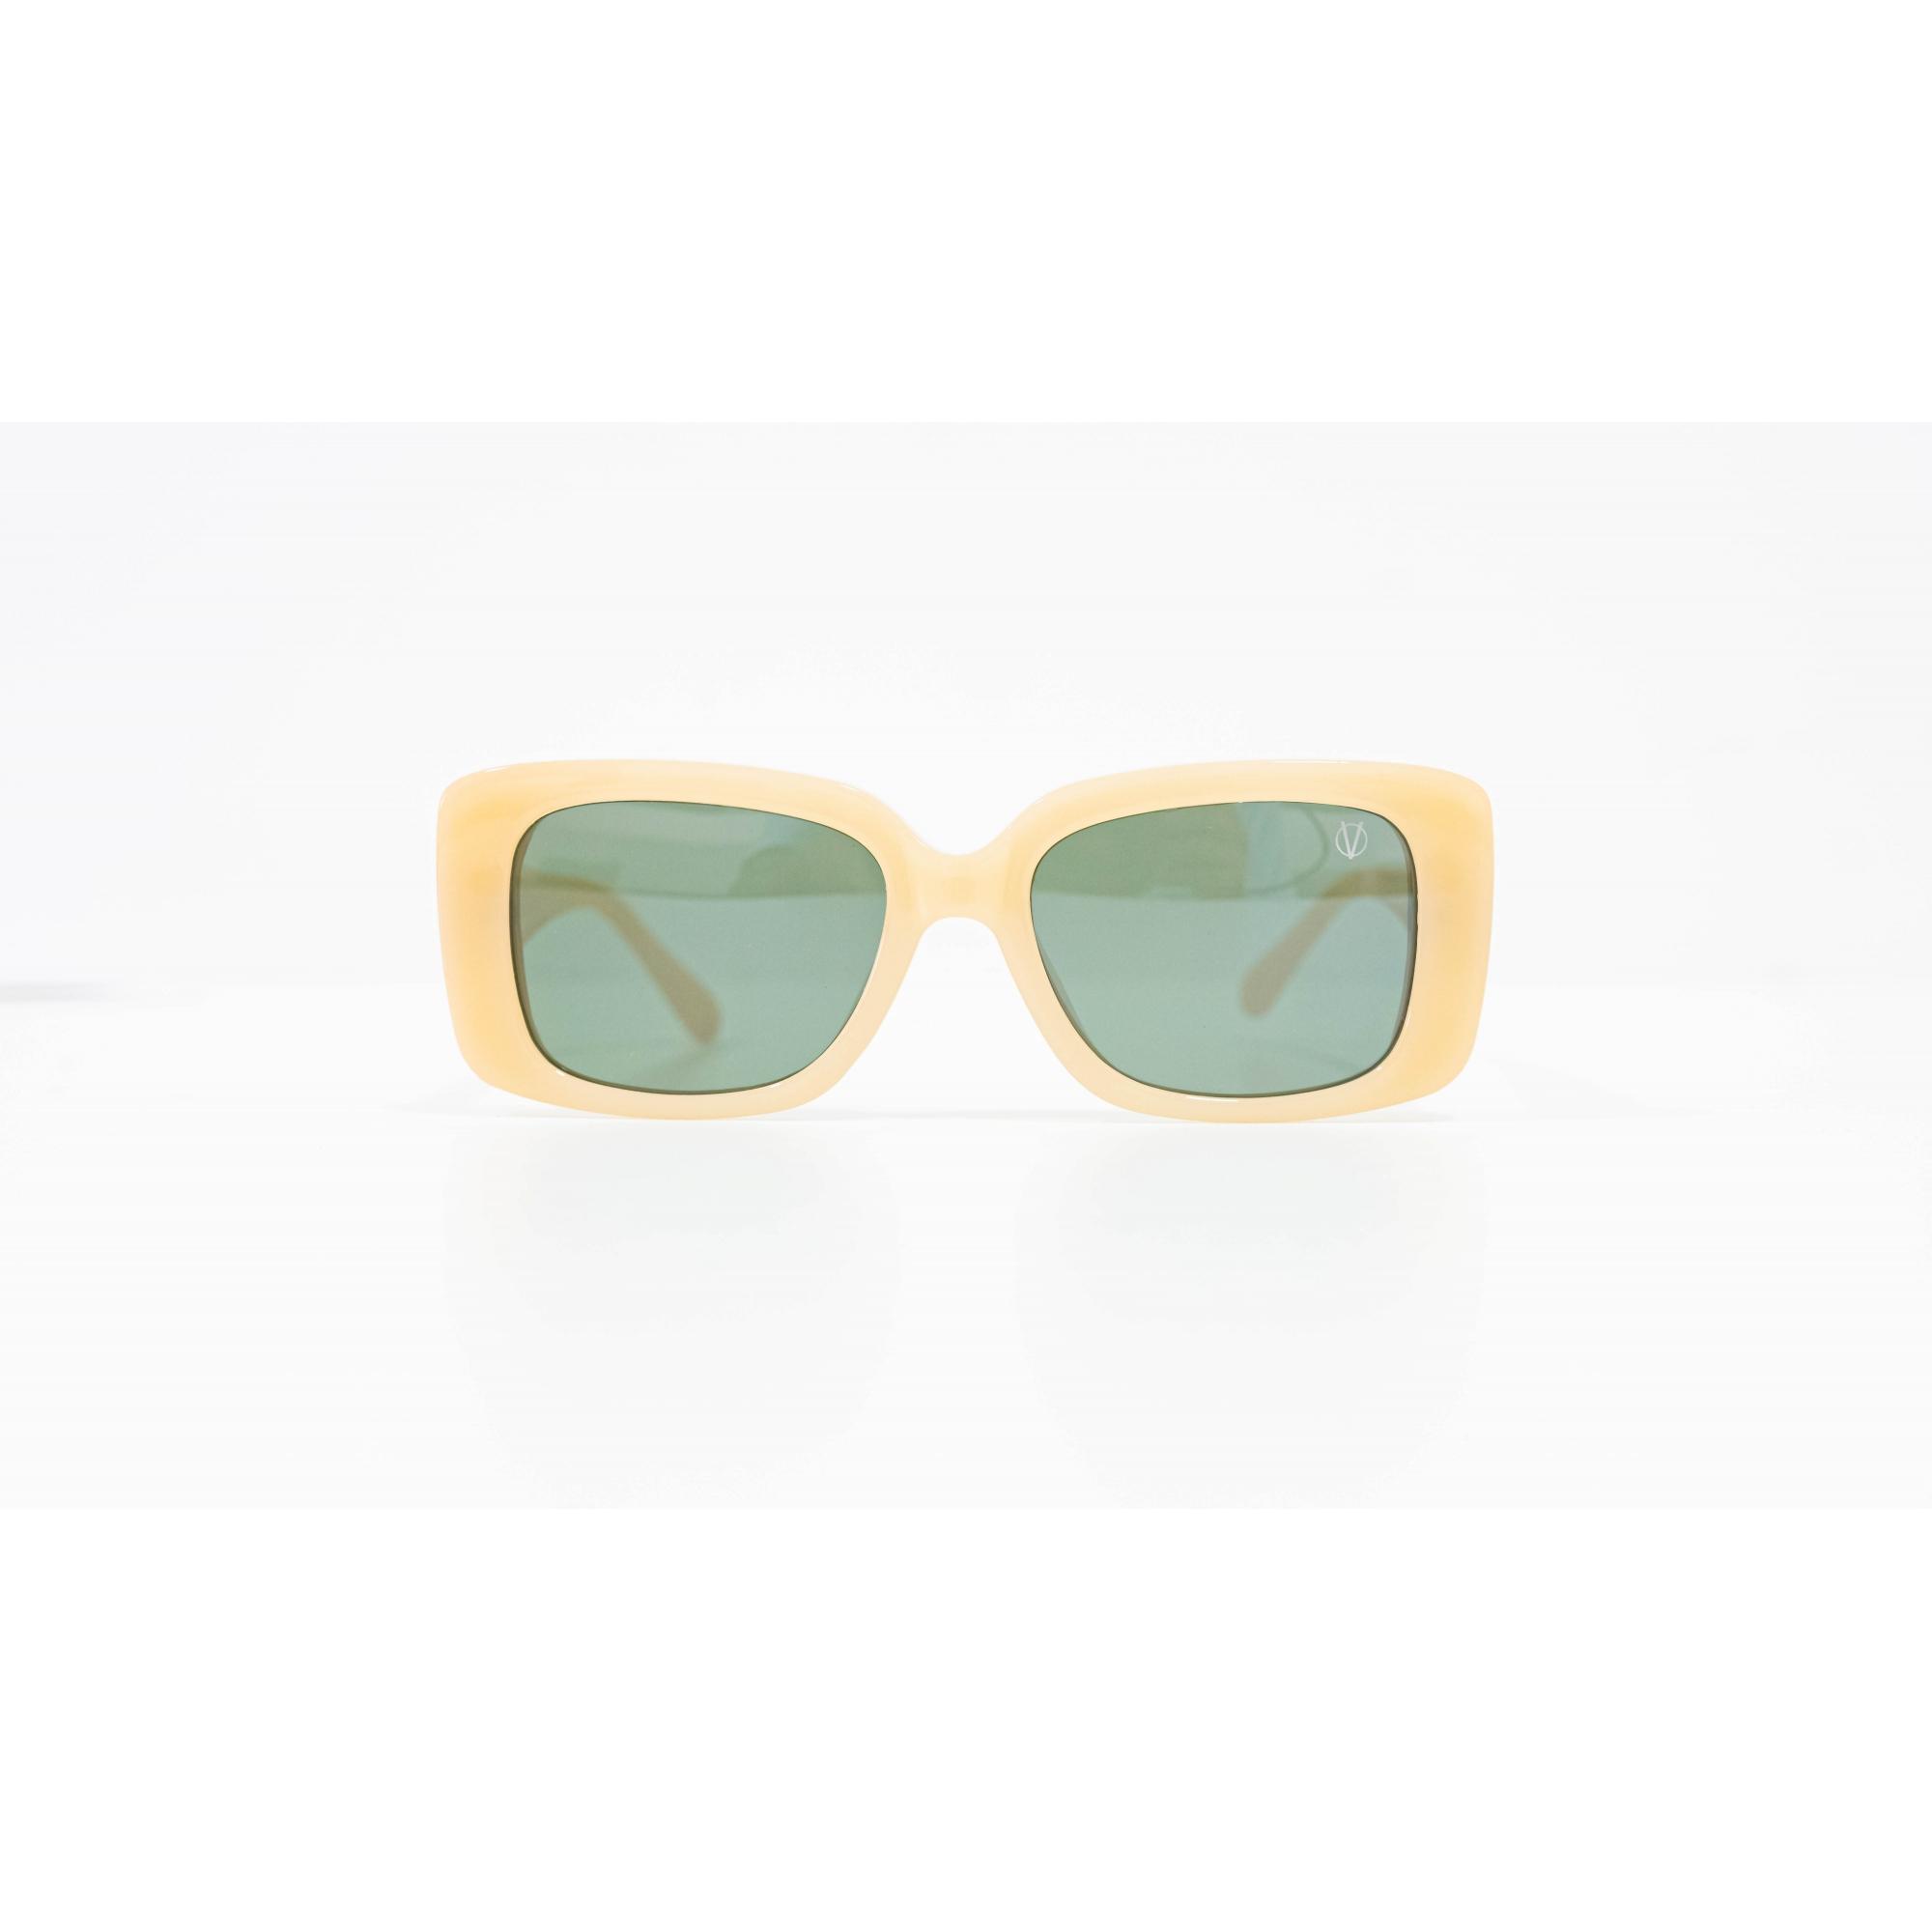 Óculos Vistta Aping Retangular LQ9004 C7 52 Bege